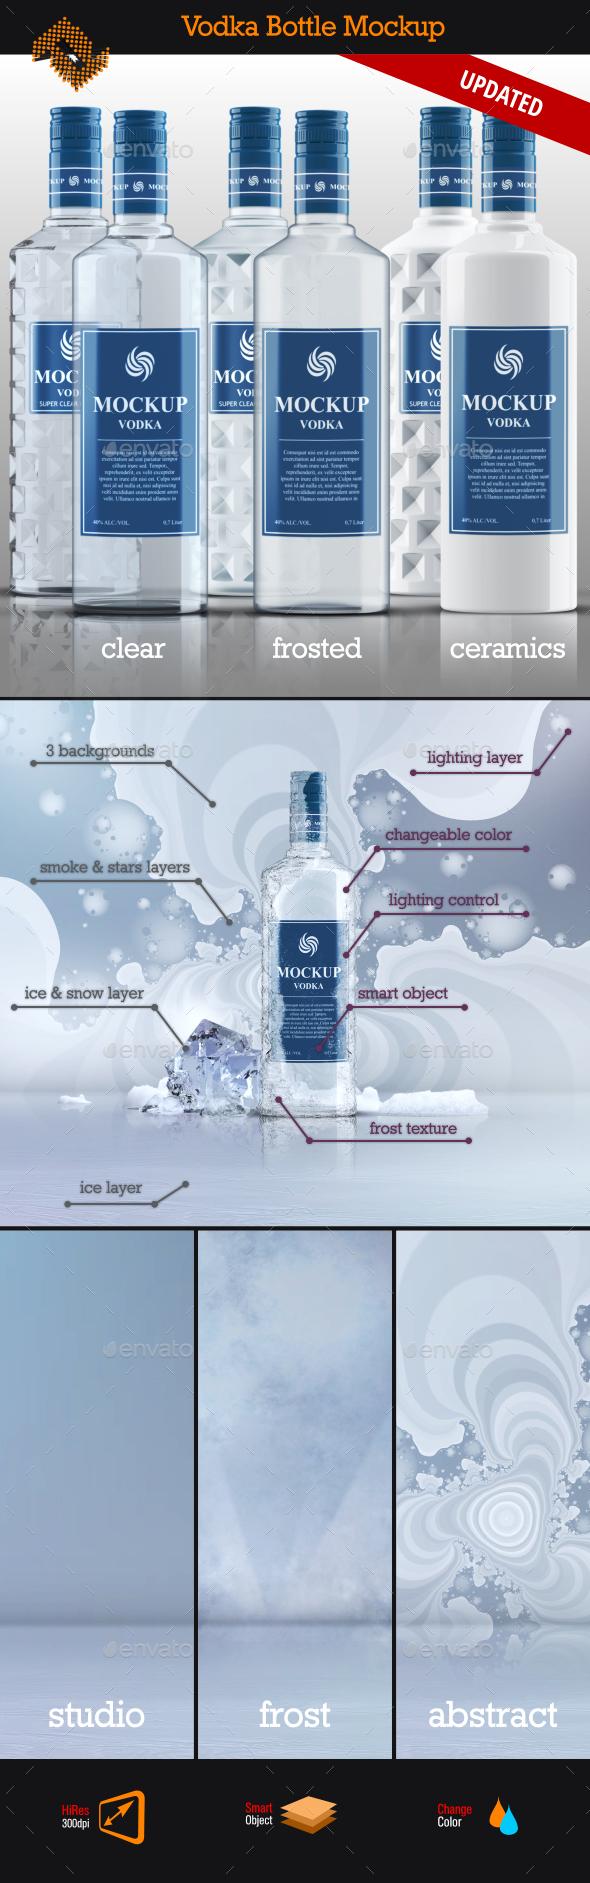 Vodka Bottle Mockup Vol. 5 - Food and Drink Packaging